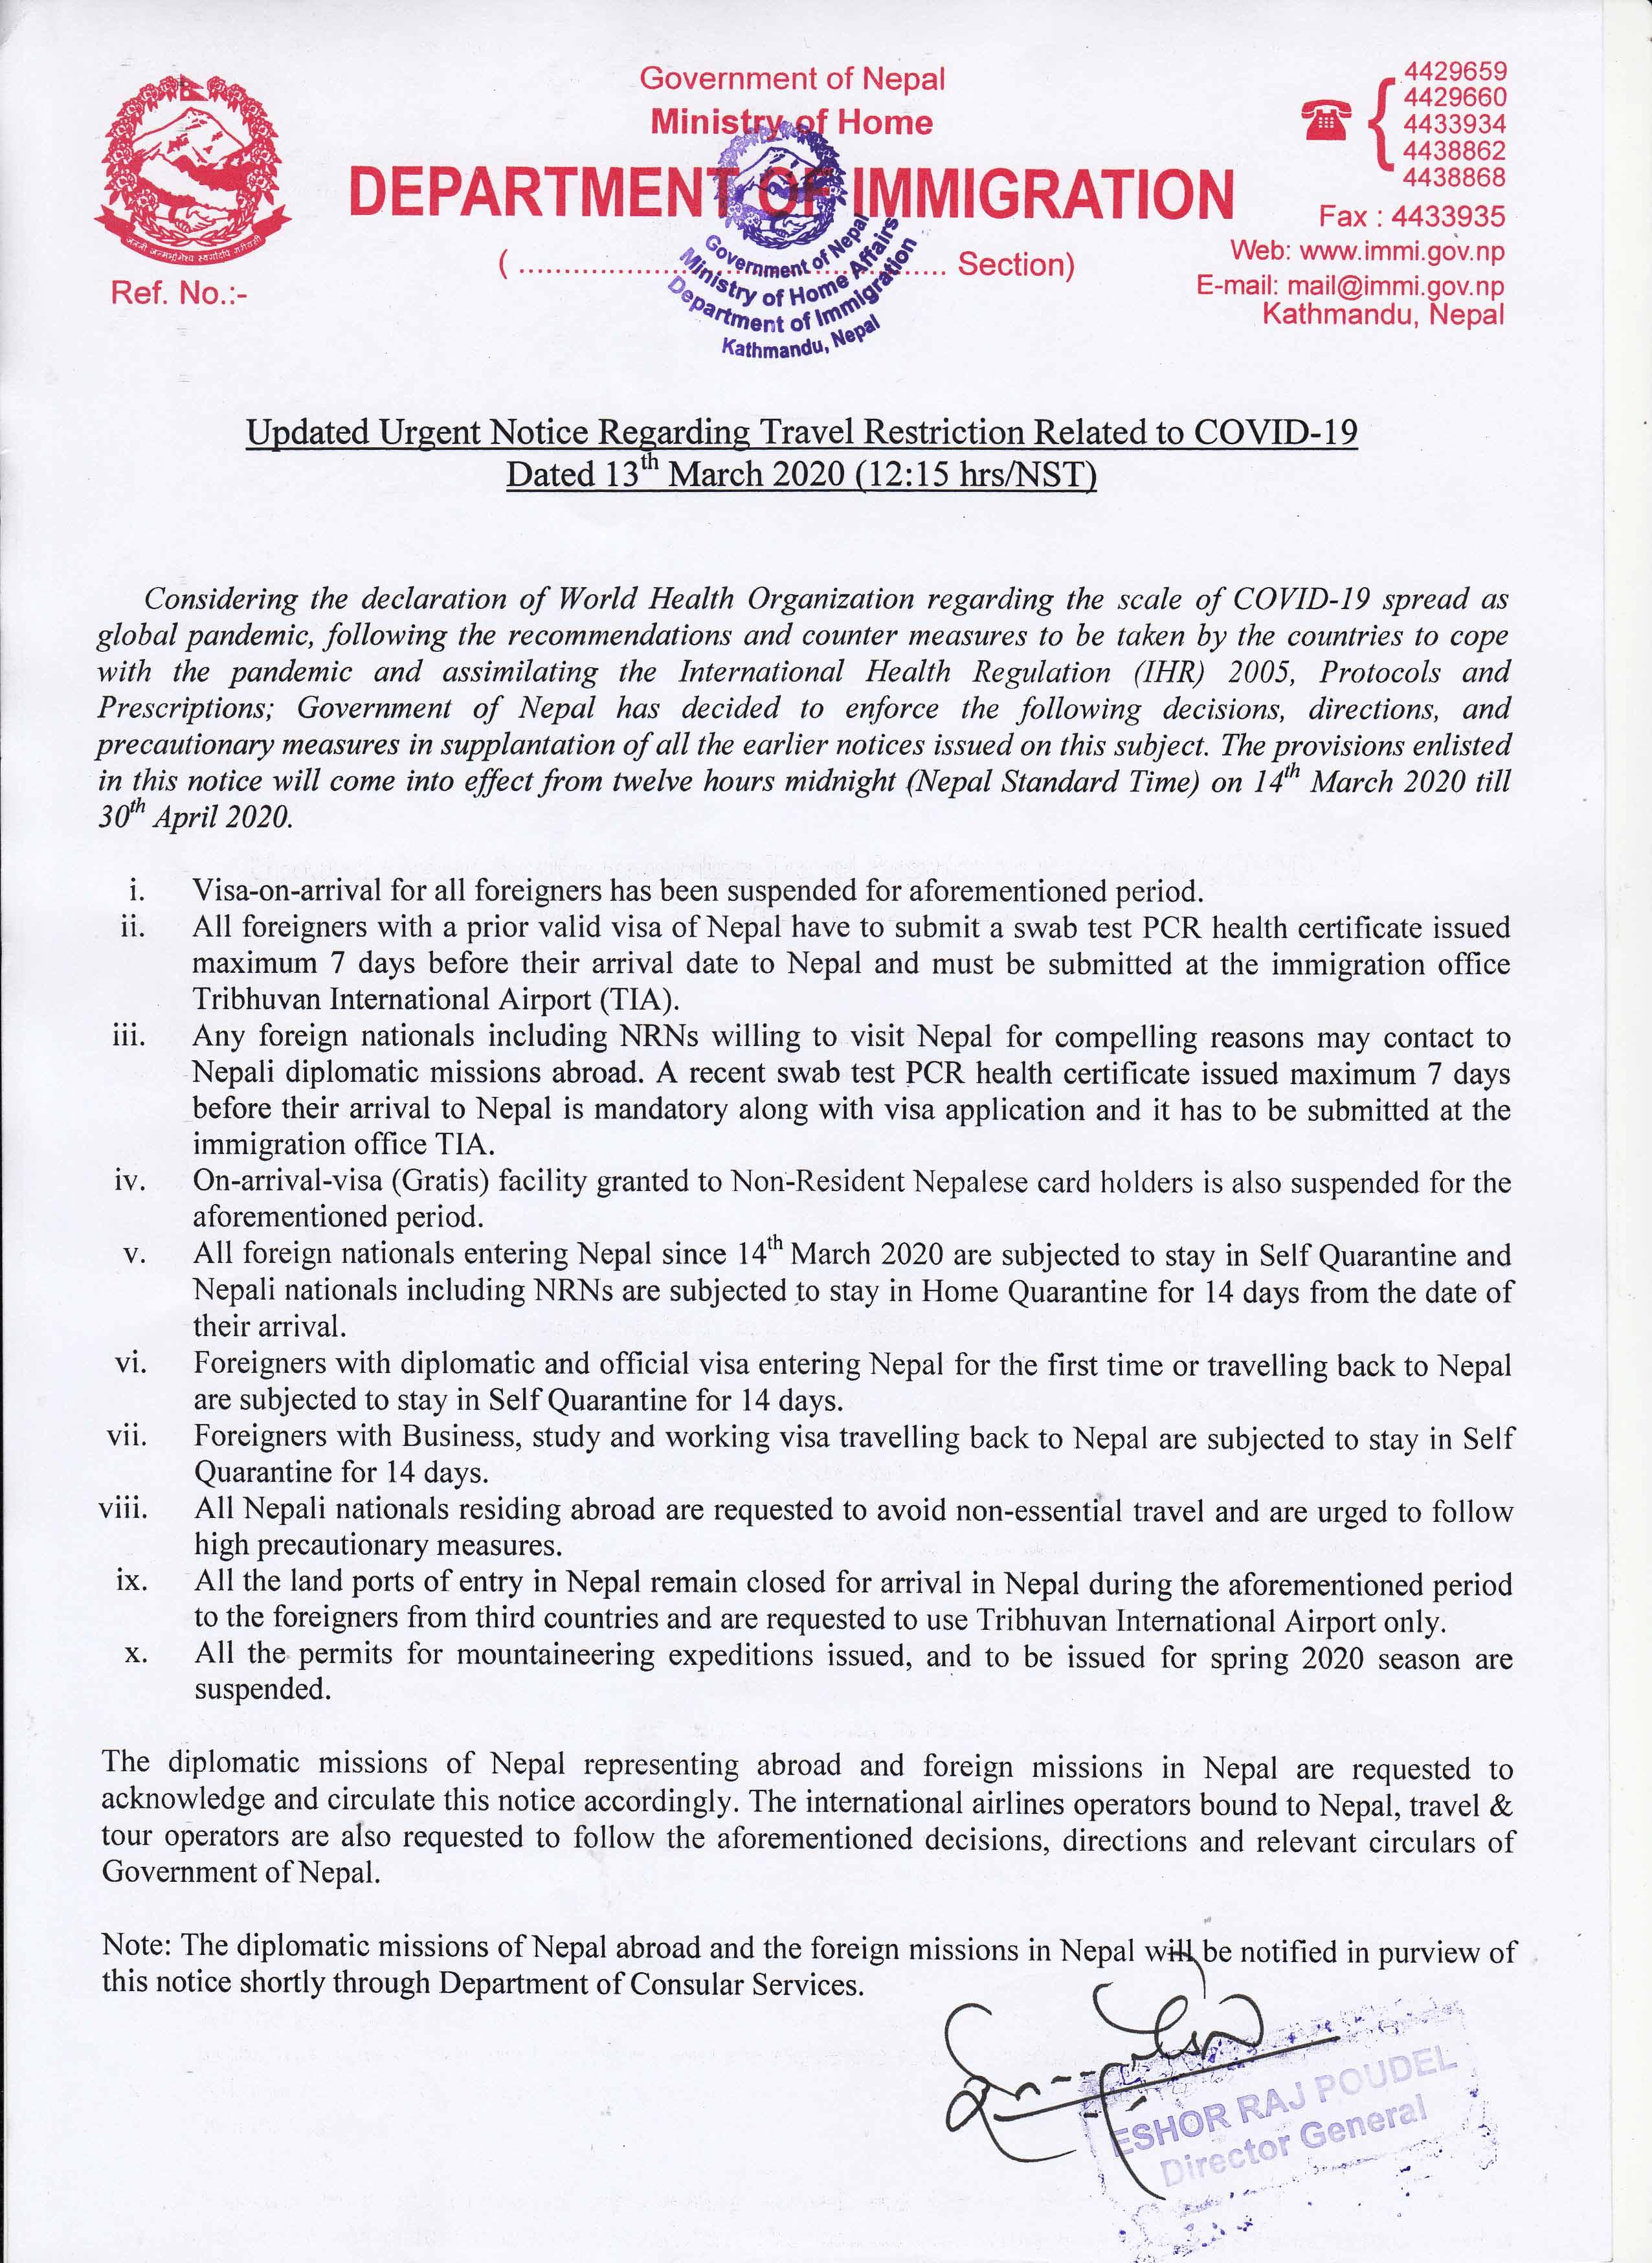 coronavirus update form Nepal government